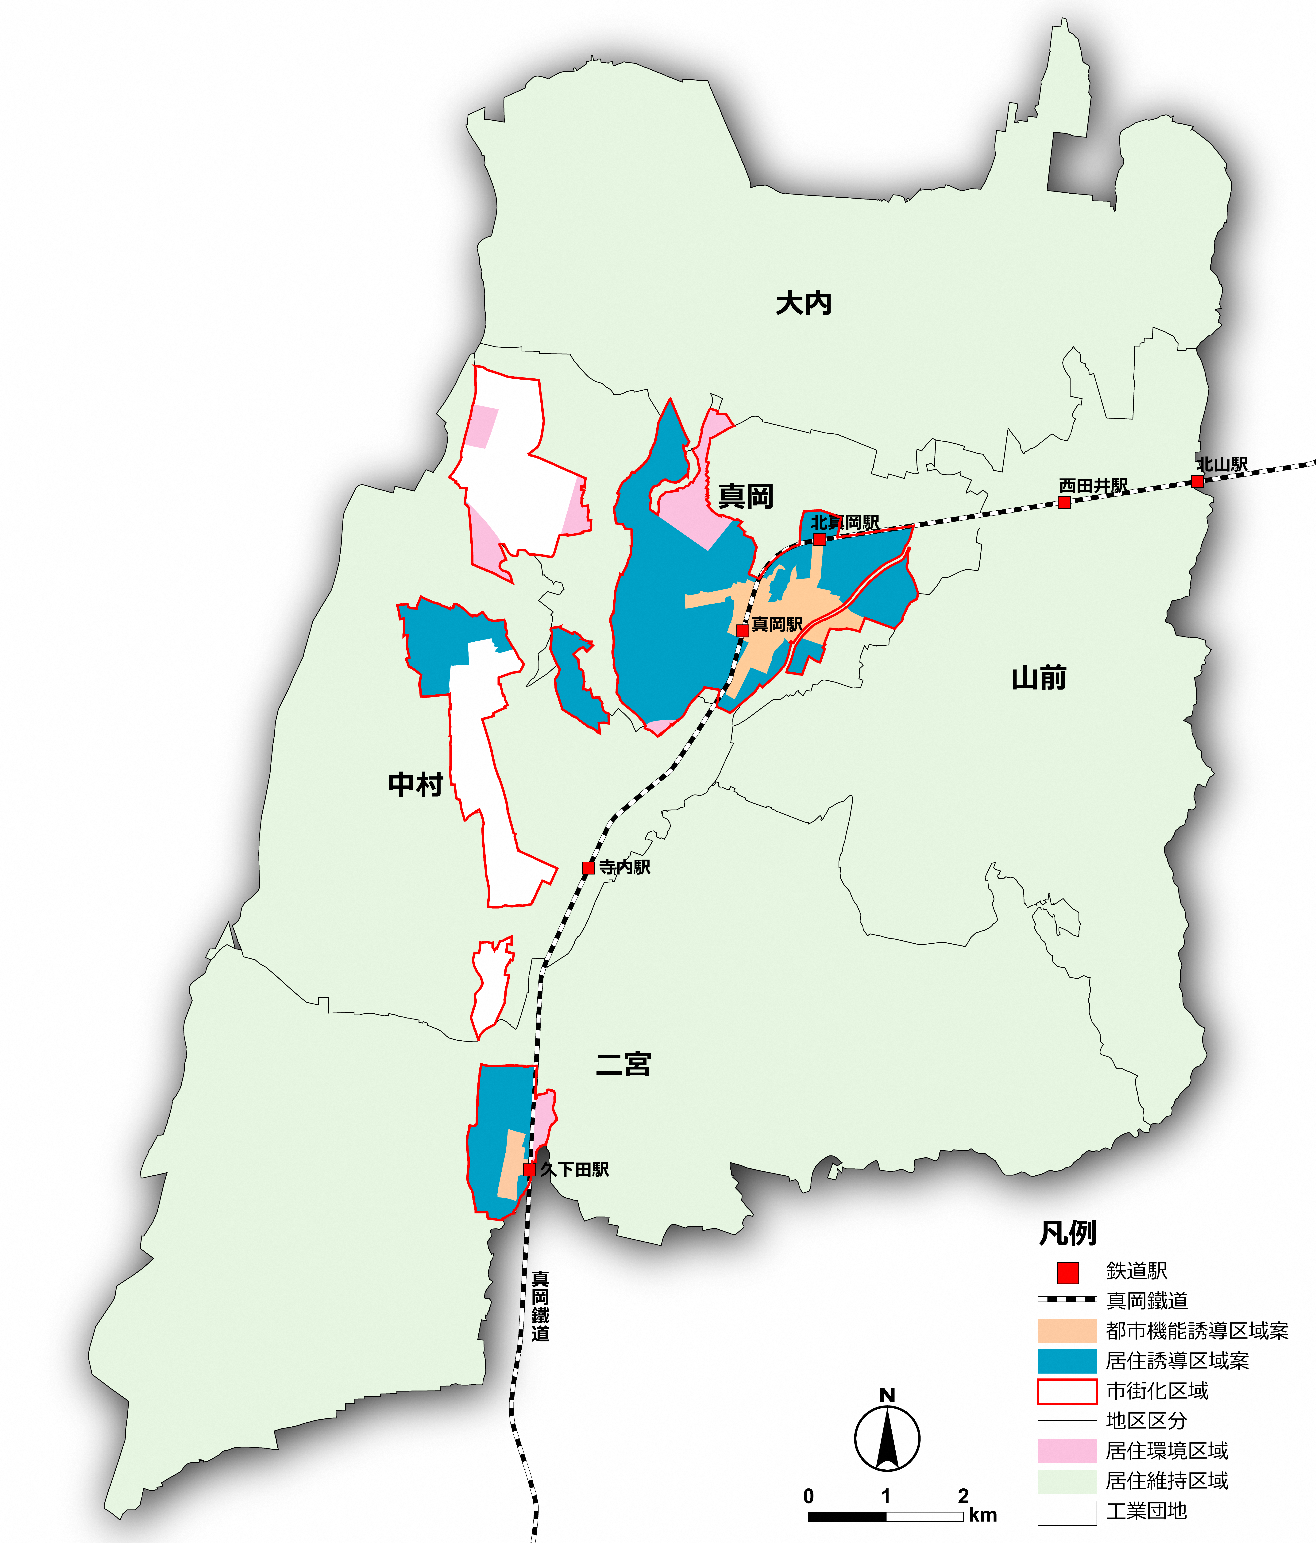 立地適正化計画/真岡市公式ホームページ